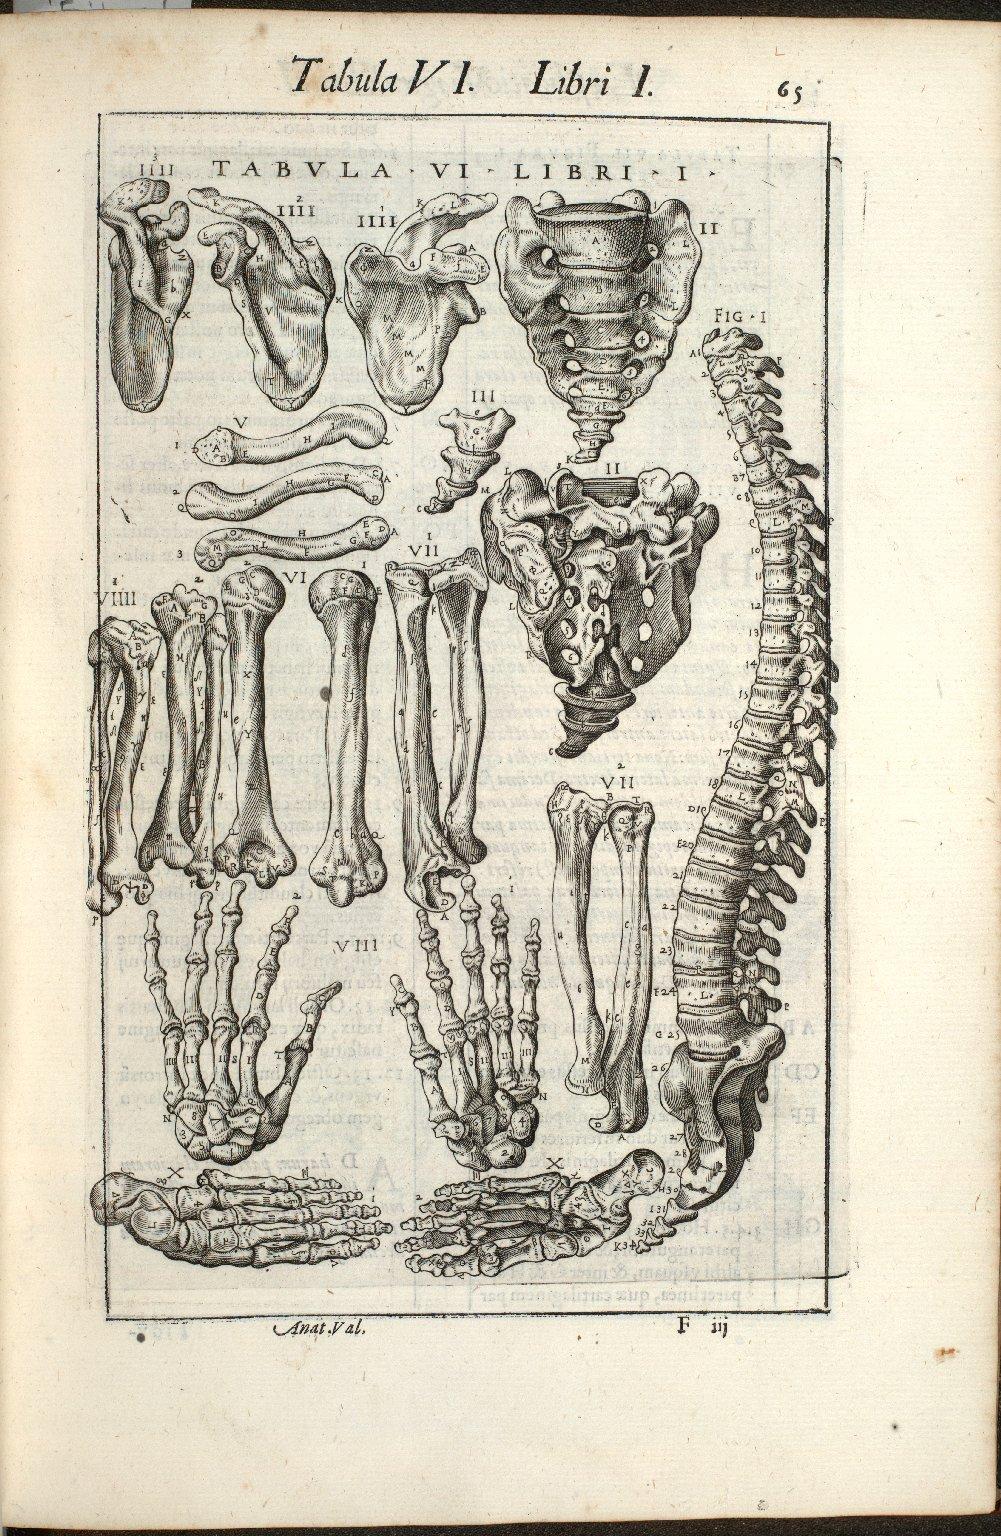 Tabula VI. Libri I.